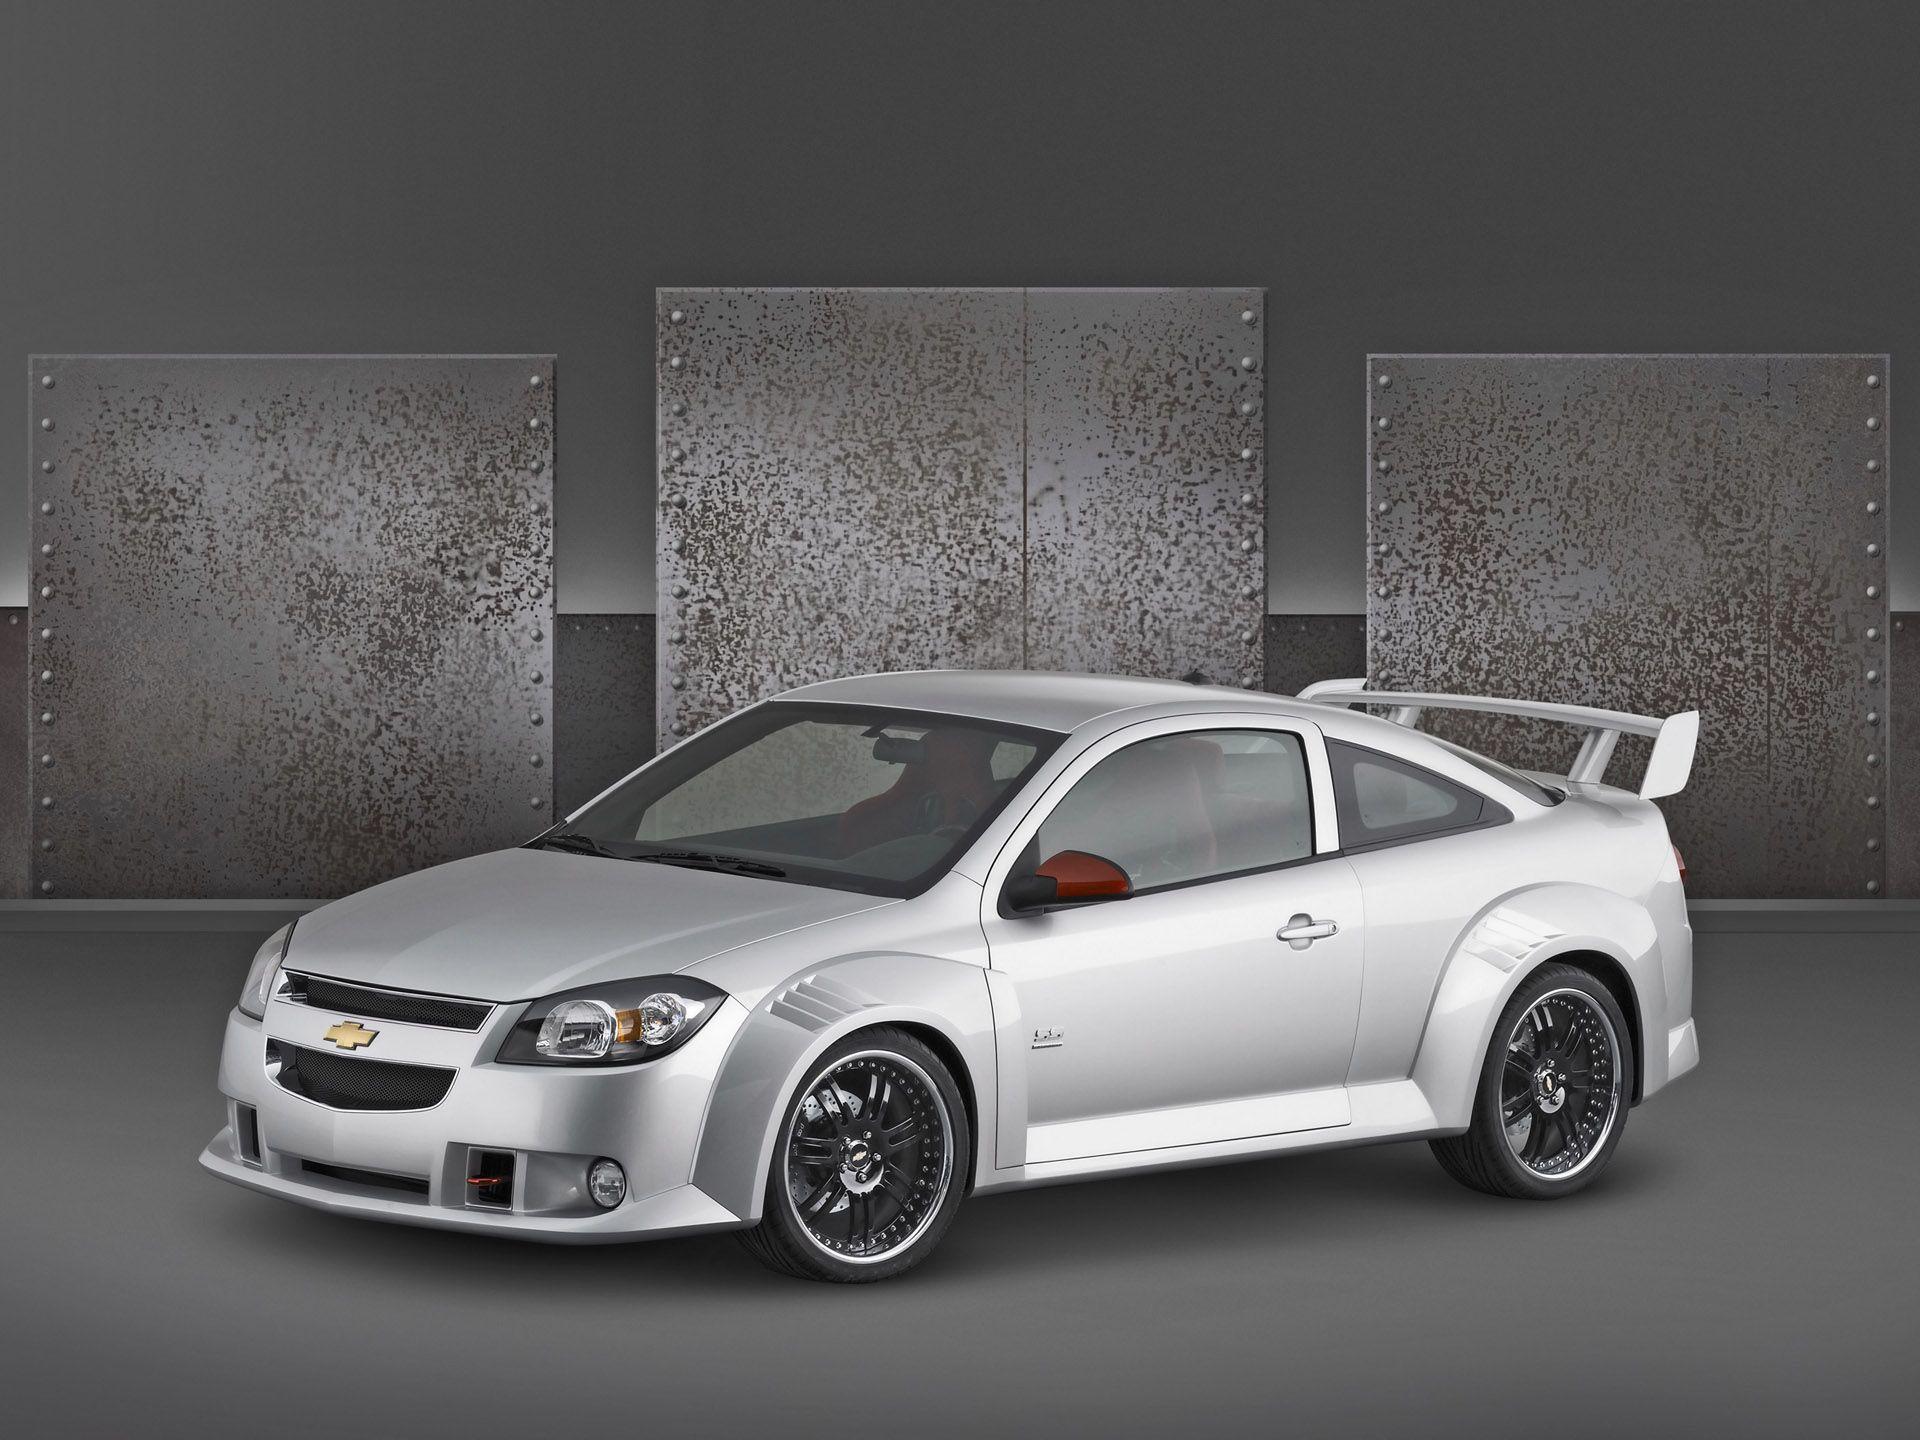 2010 Cobalt Ss >> Chevrolet Cobalt Ss Pure Beauty Cars Chevrolet Cobalt